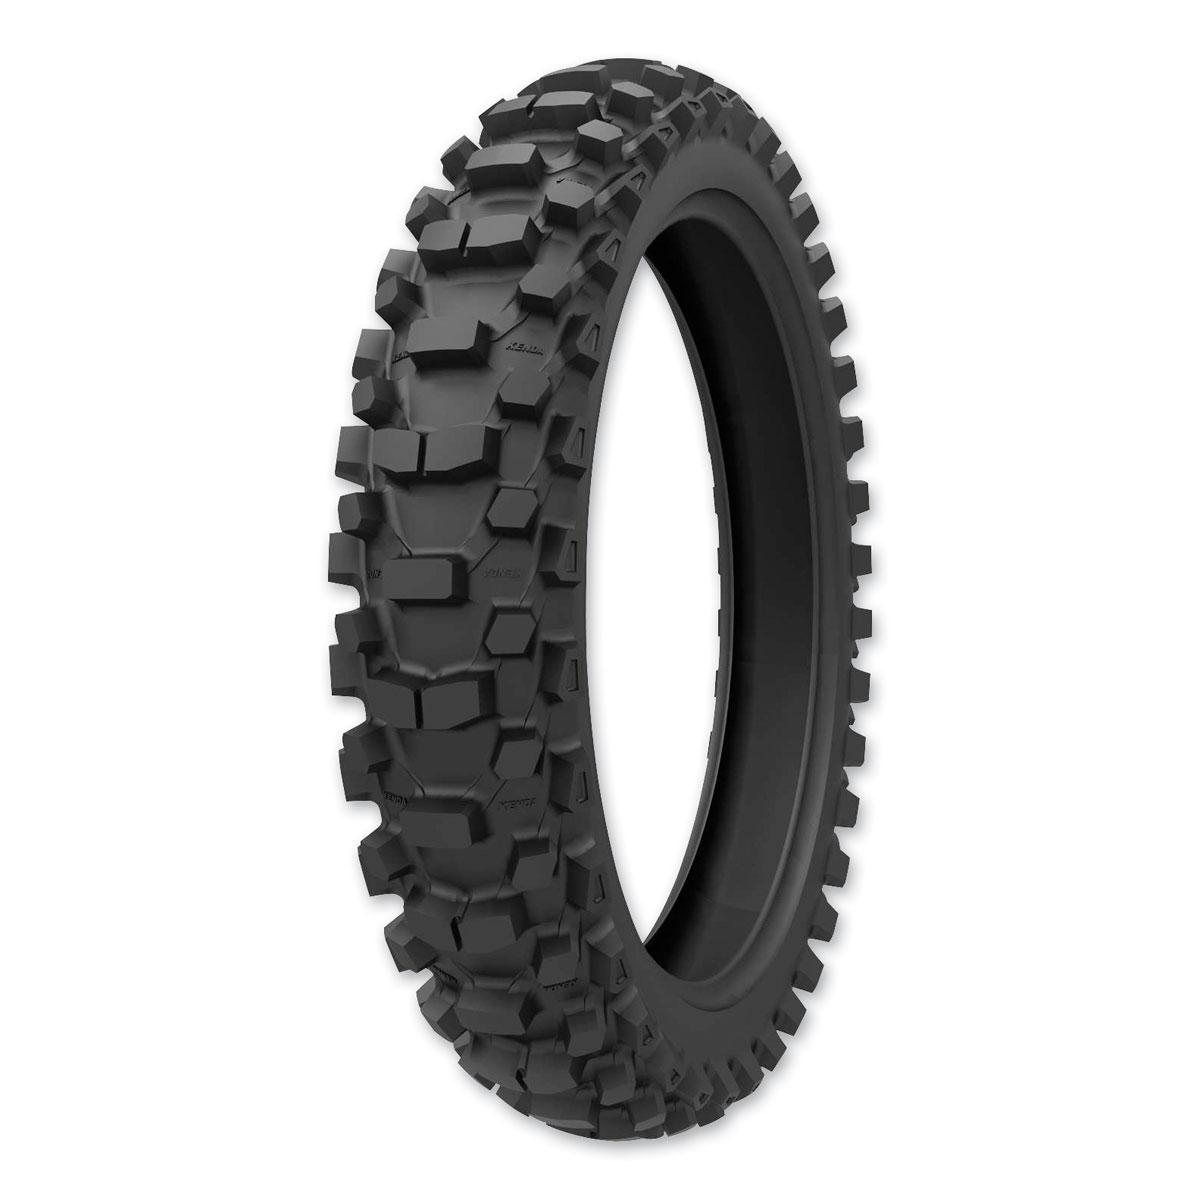 Kenda Tires K785 Millville II 120/80-19 Rear Tire